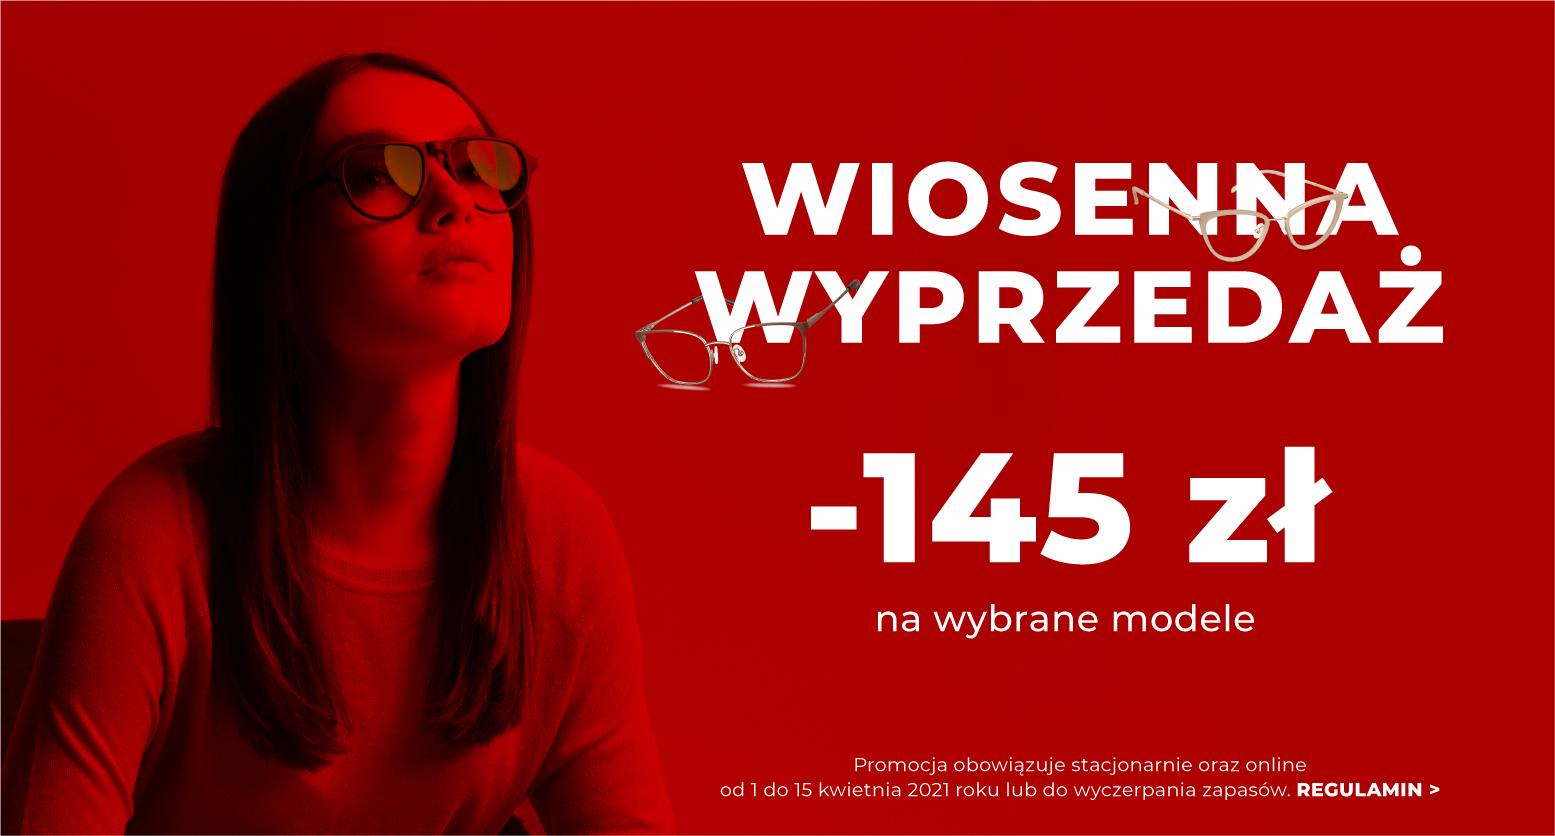 Muscat: 145 zł rabatu na wybrane modele okularów